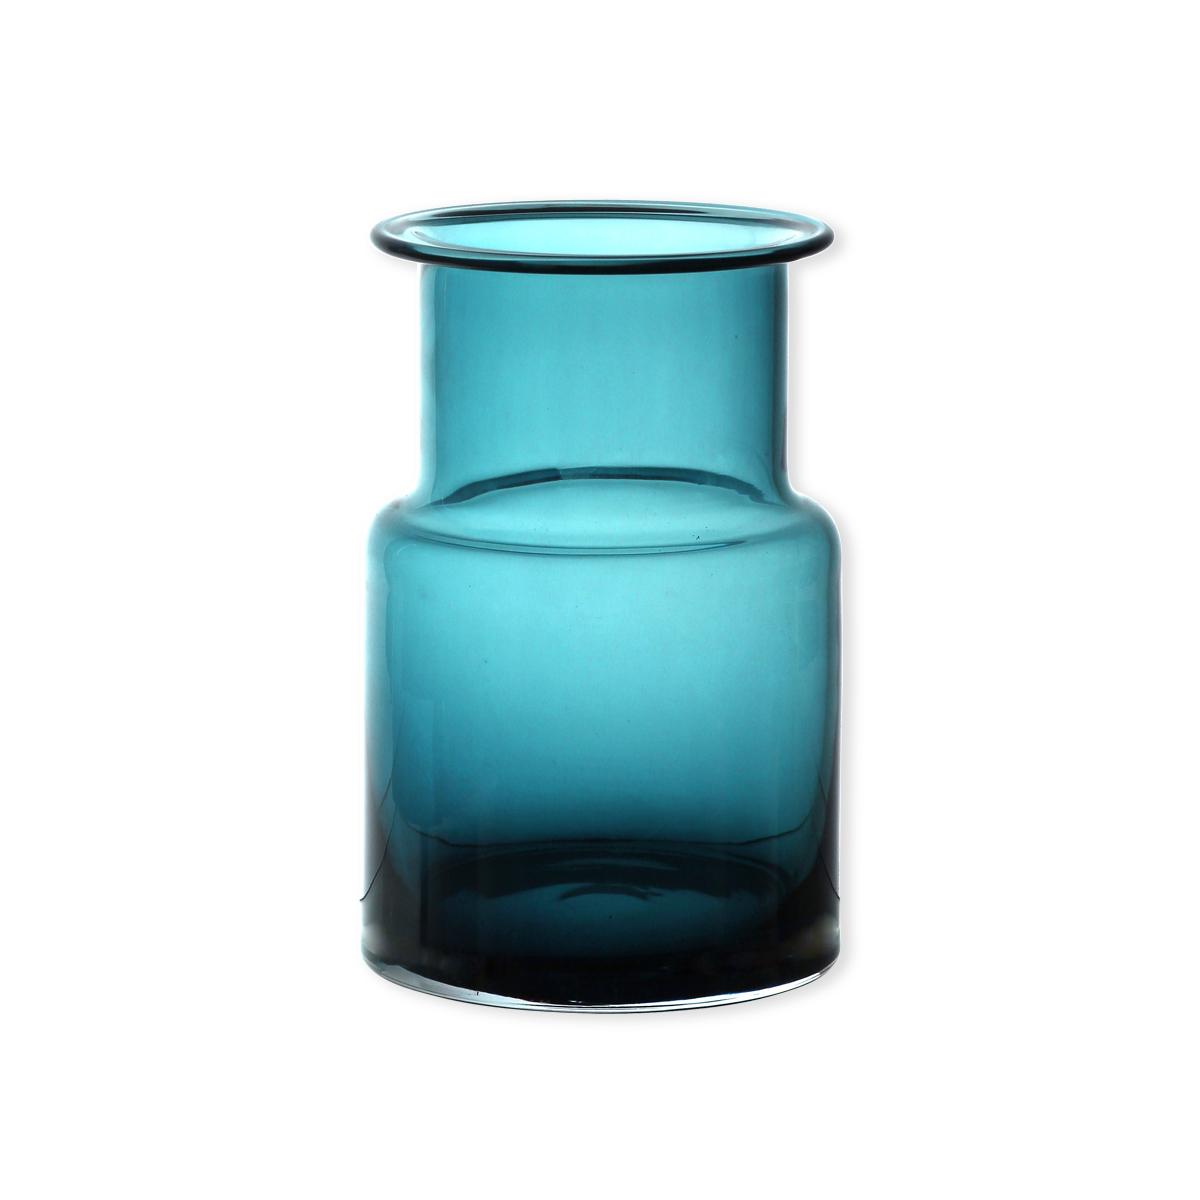 vase design en verre turquoise 20cm objets d co bruno evrard. Black Bedroom Furniture Sets. Home Design Ideas